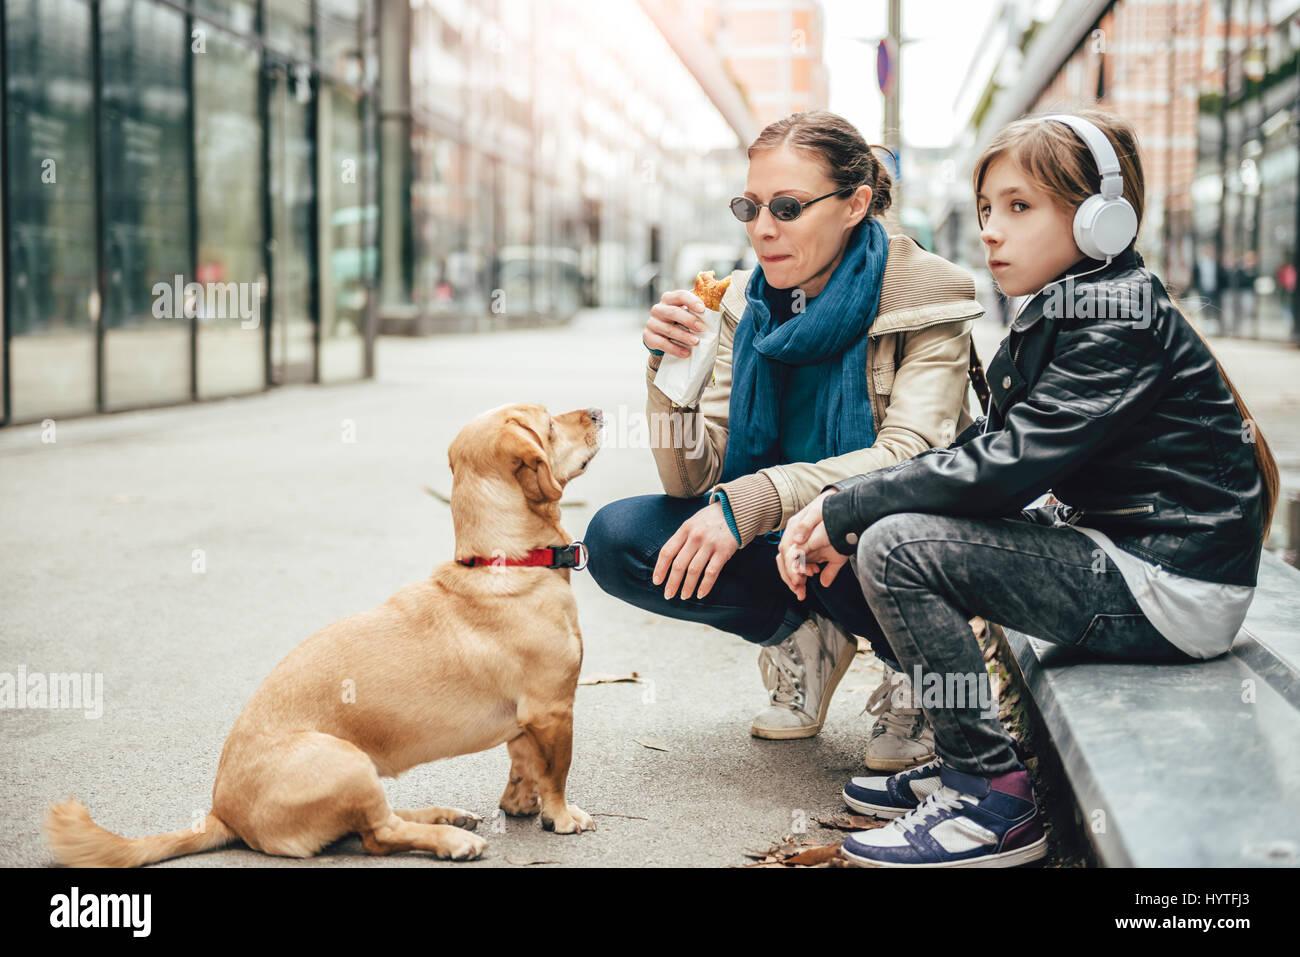 Madre comer sándwich y mirar un perro mientras hija escuchando música en la calle Imagen De Stock